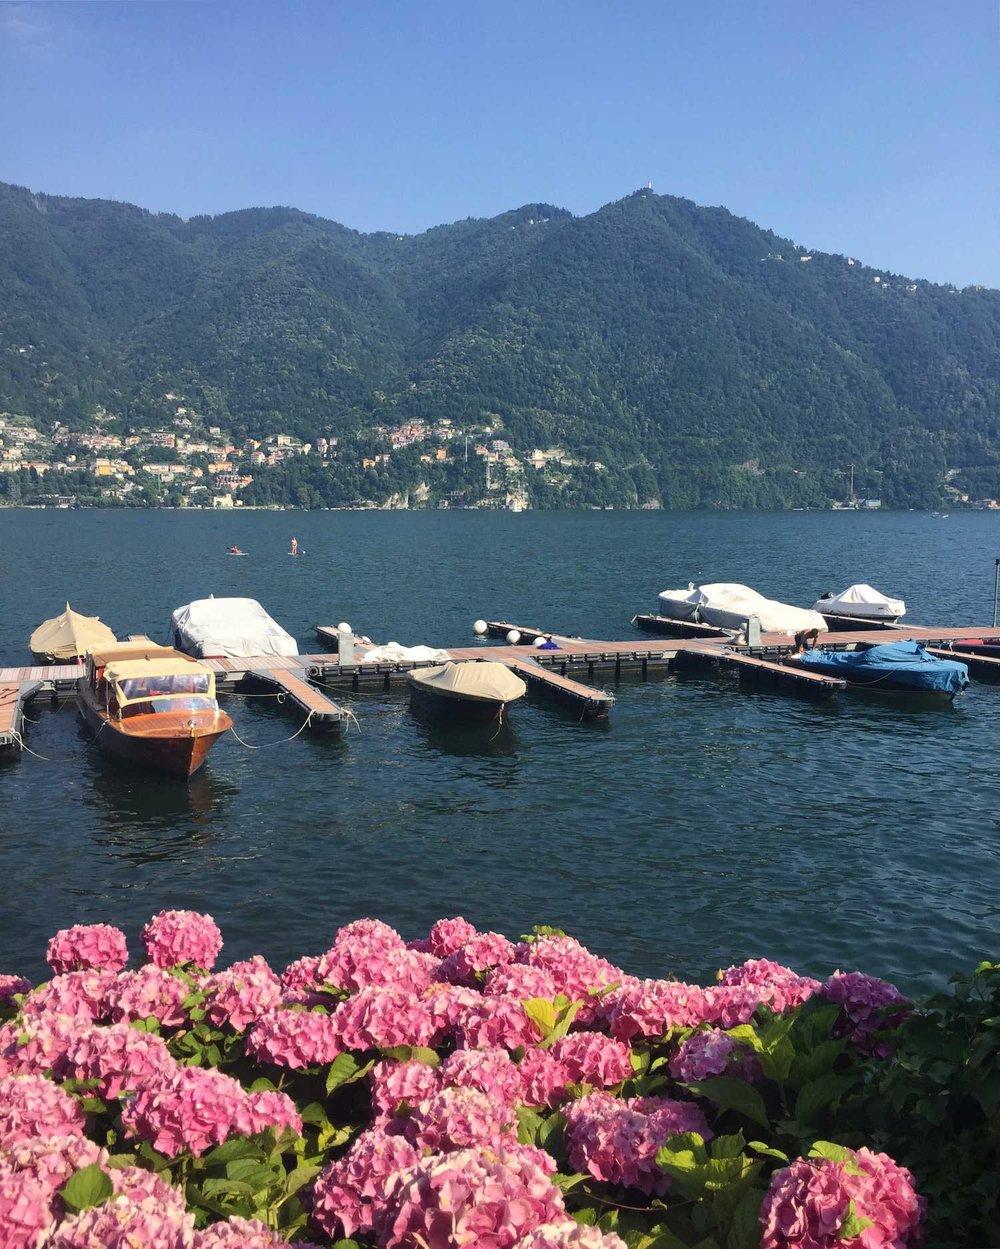 lake_como_cernobbio_guide_itsbeautifulhere07.jpg